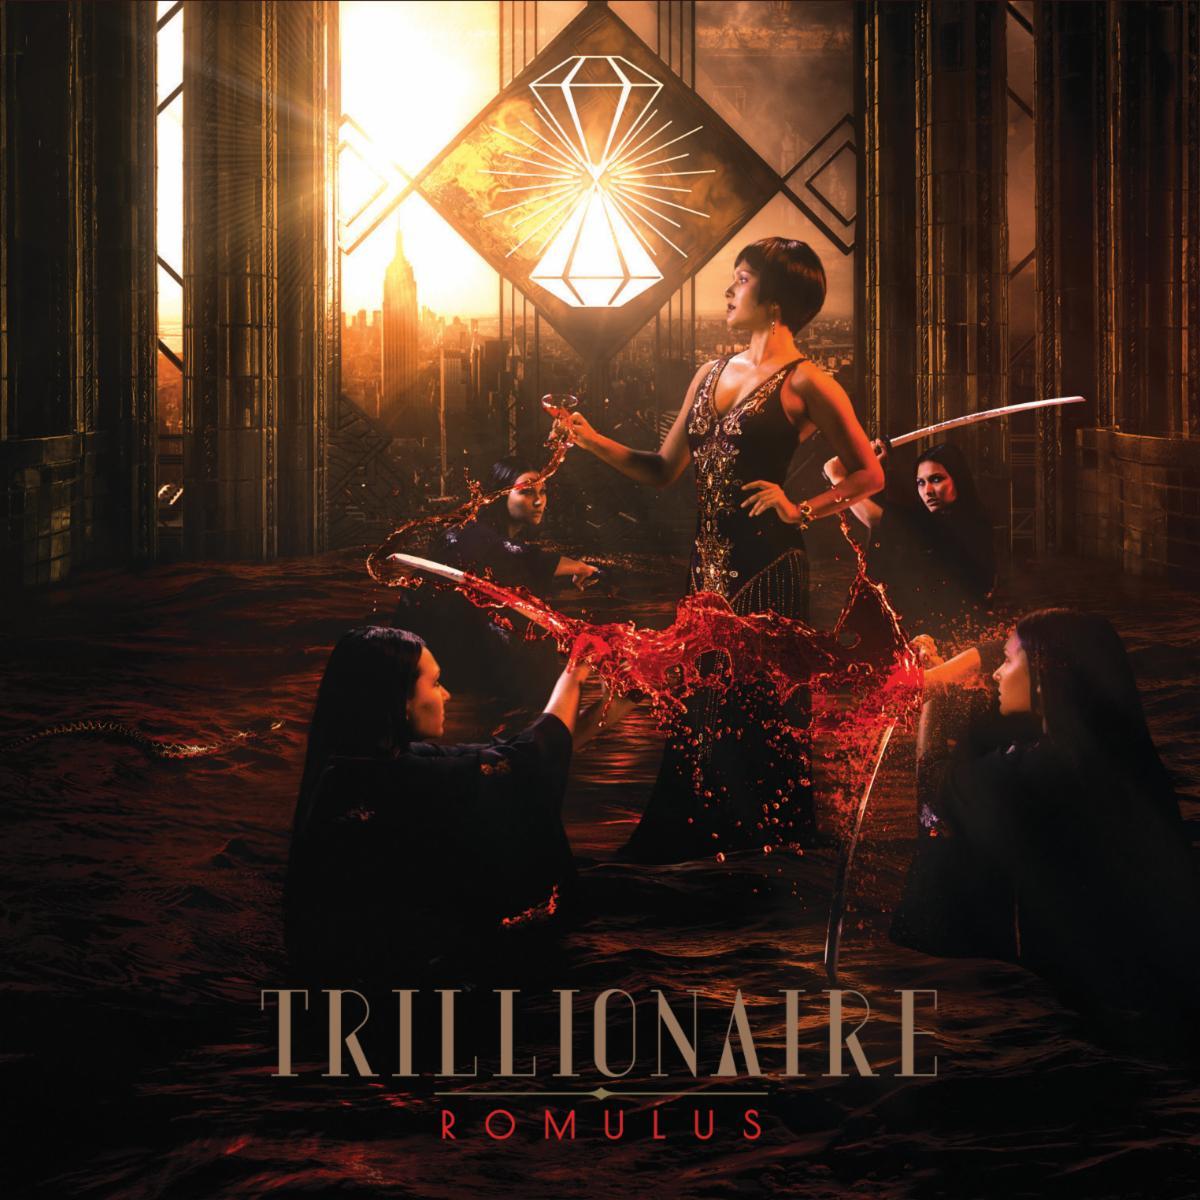 Trillionaire Debut Album Romulus